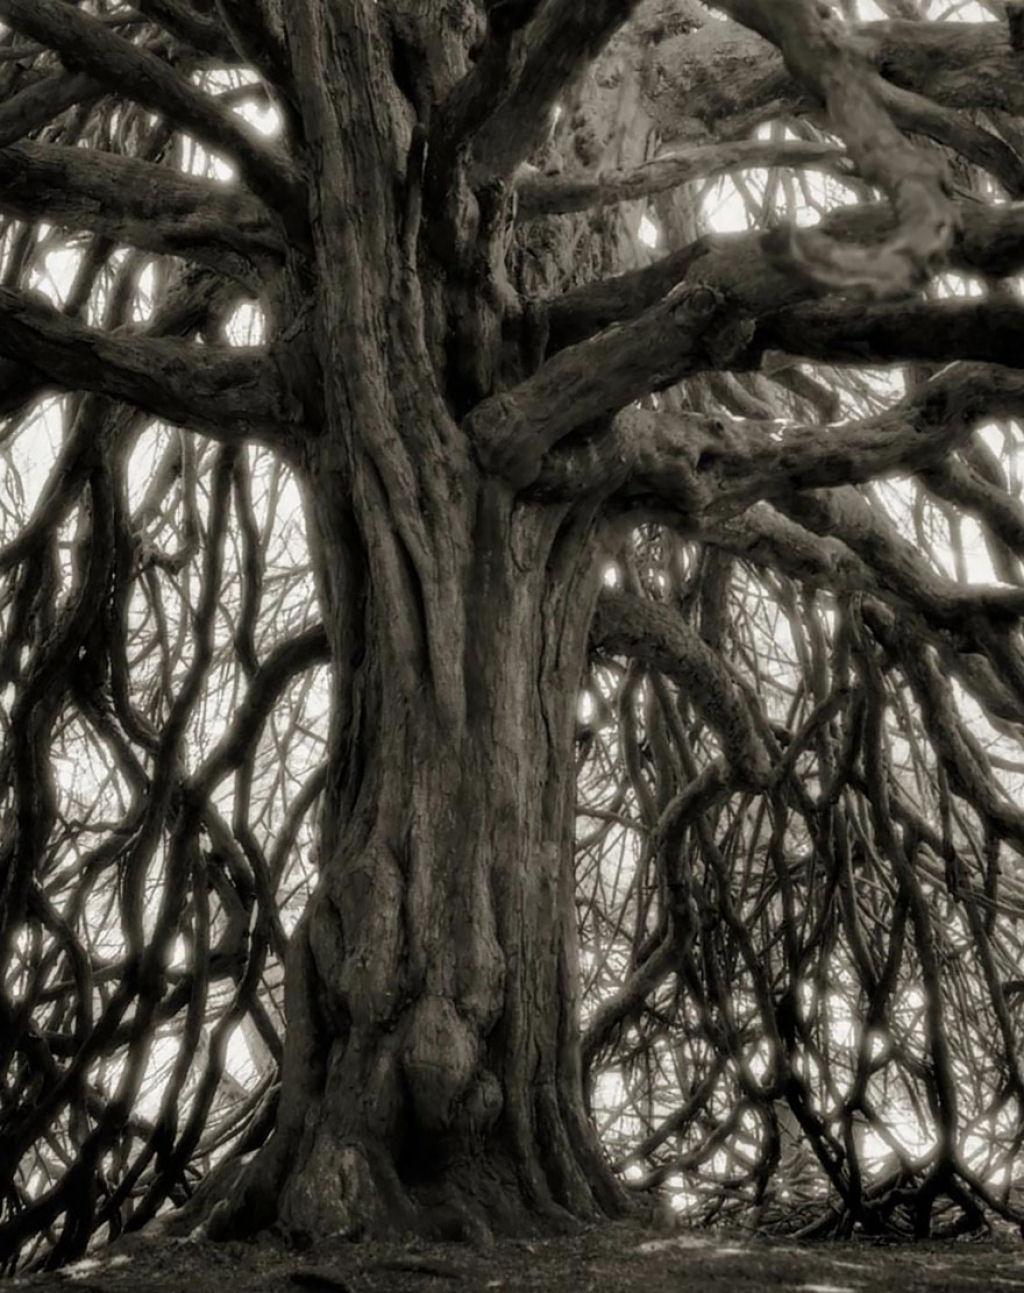 fotografías arboles antiguos por beth moon (4)